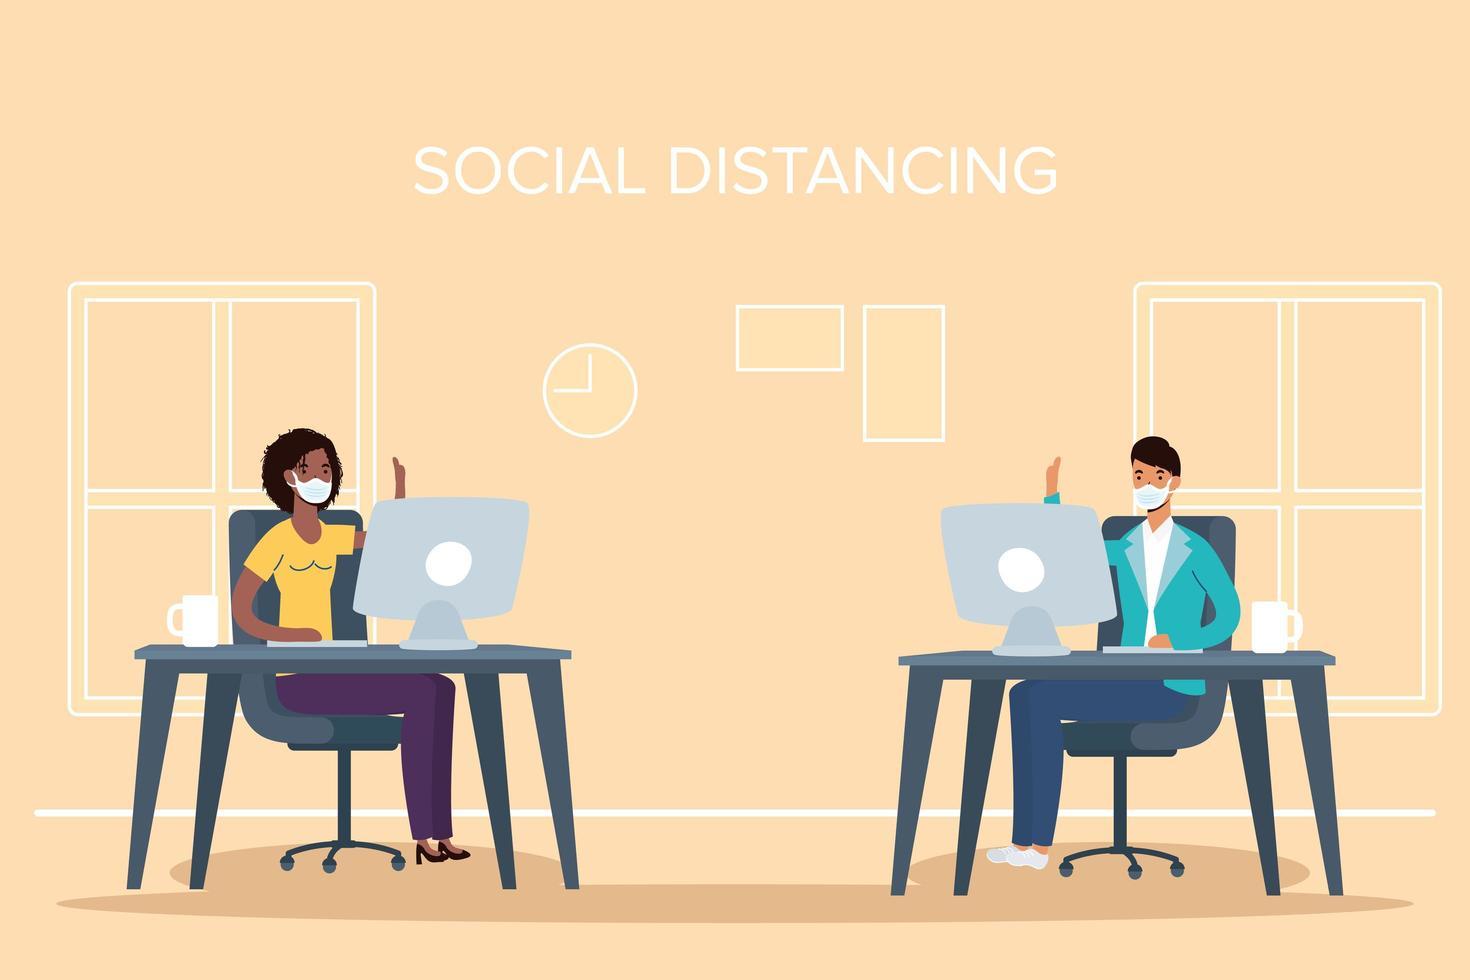 människor med ansiktsmasker social distansering på jobbet vektor